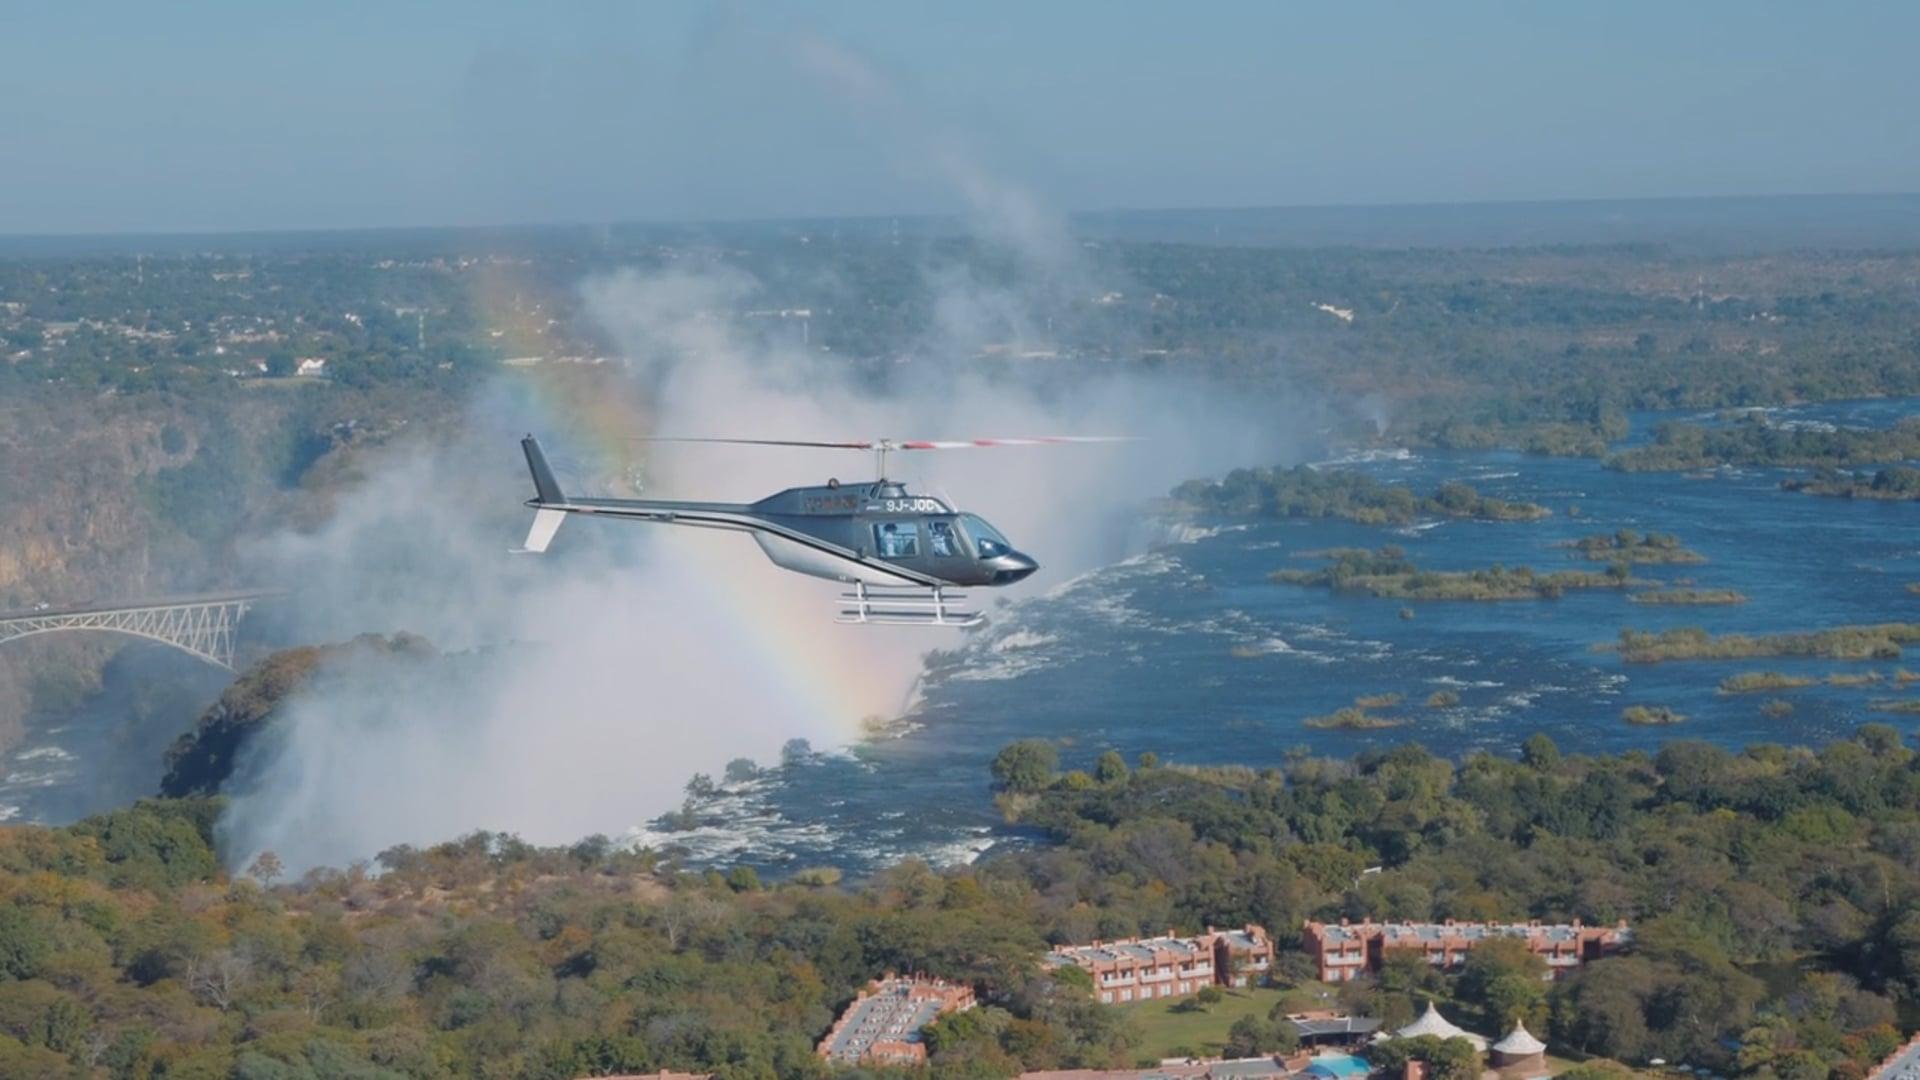 Victoria Falls, Zambia - 24 hours